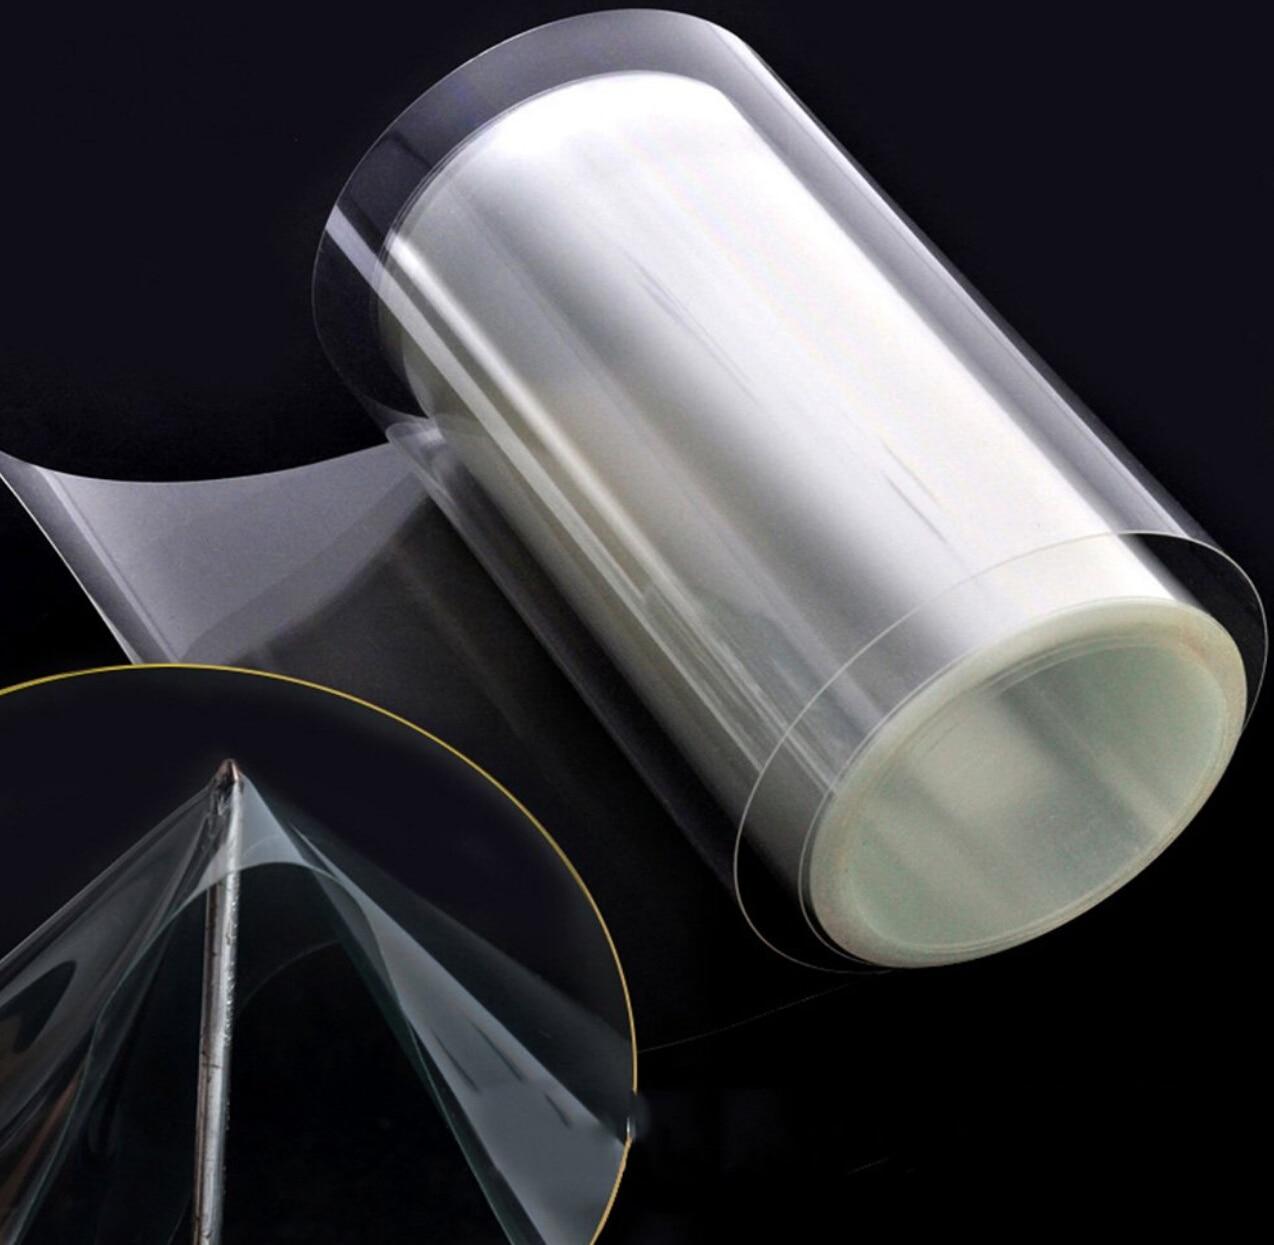 Защитная пленка для кожи носорога 10/20/30/40/50x100 см, автомобильный капот, бампер, стикер для защиты краски, устойчивый к царапинам Прозрачный Ви...